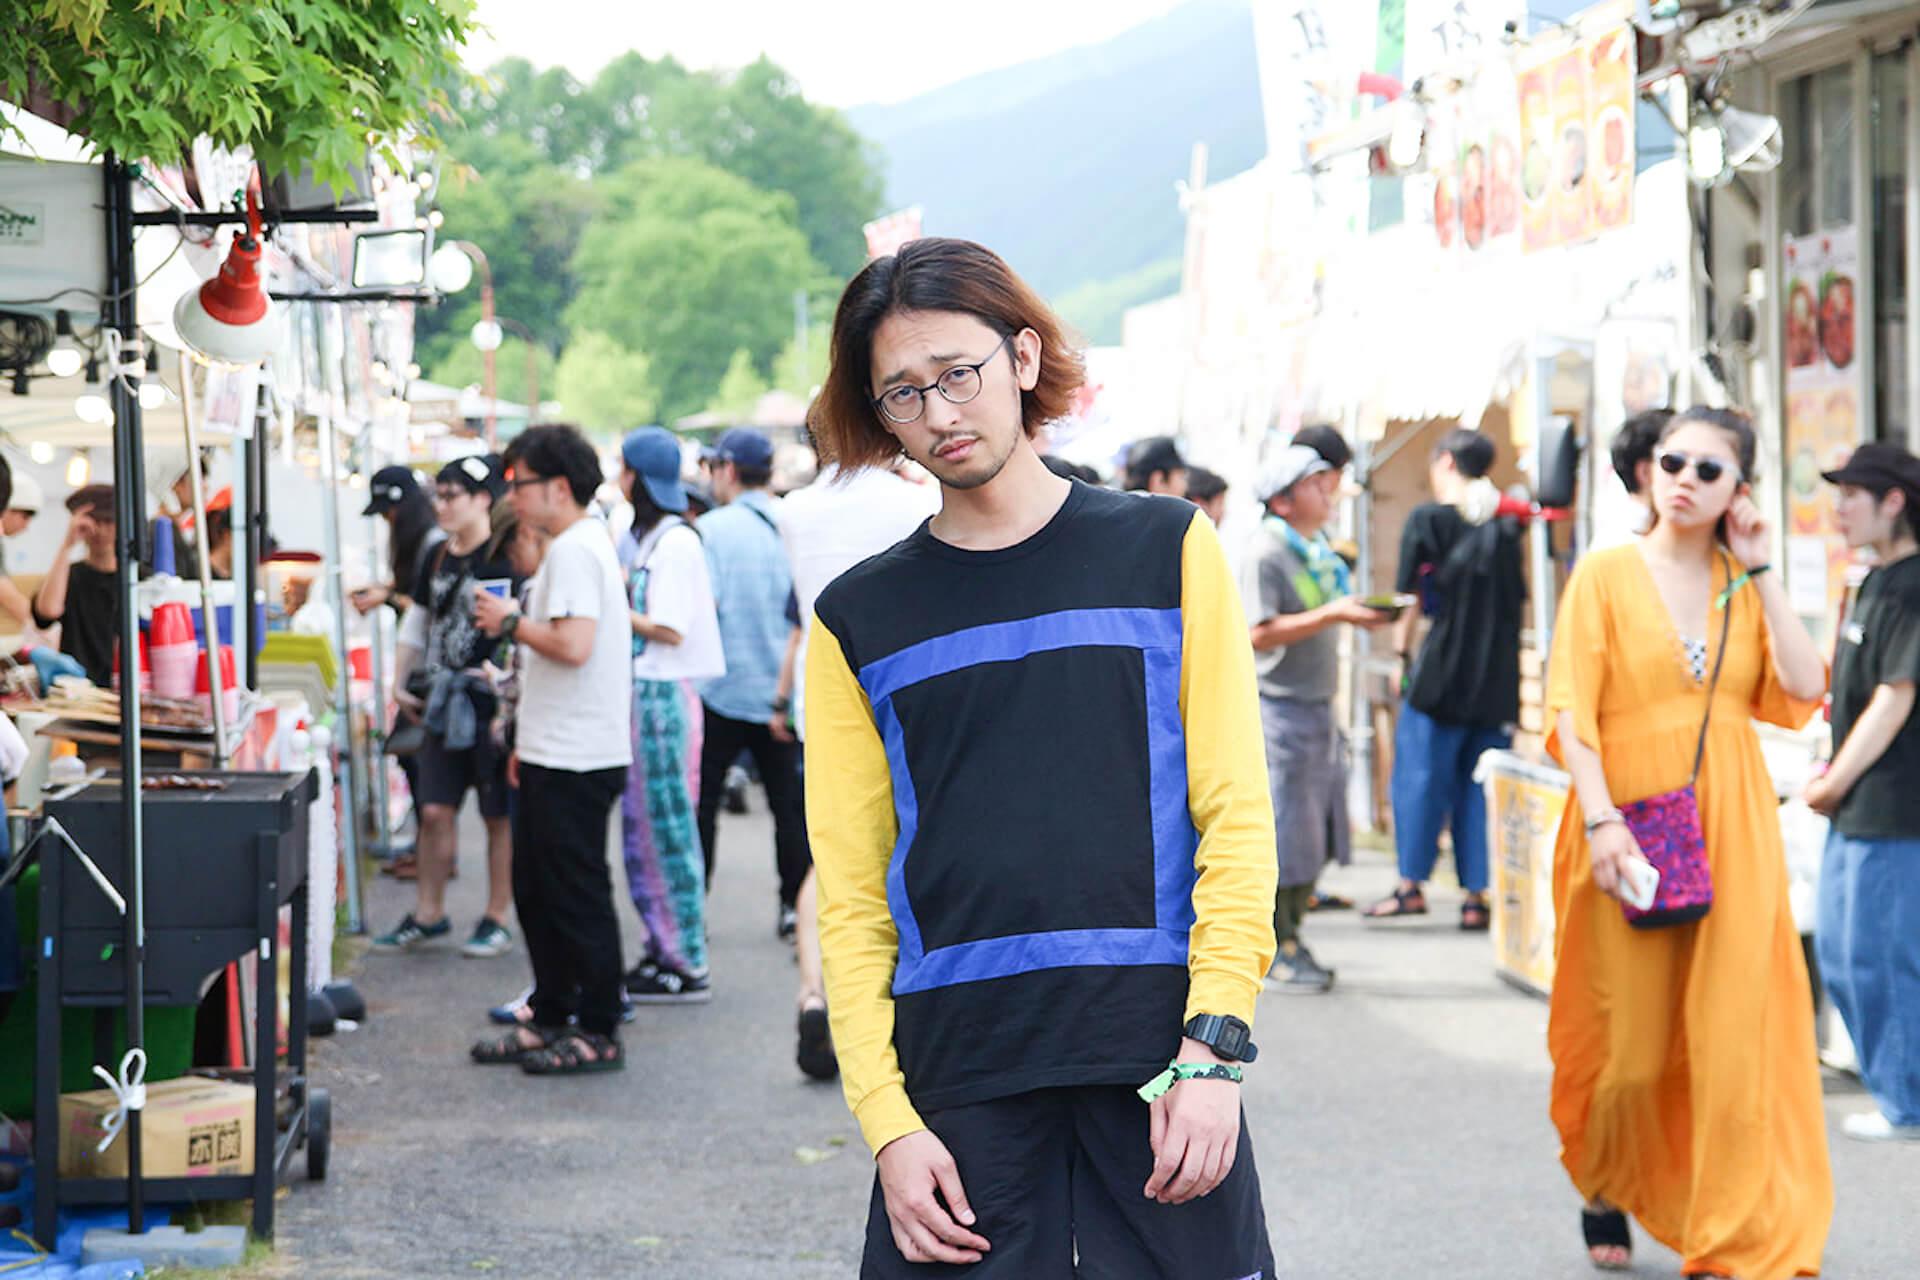 【フェススナップ】最後のタイコクラブをレポート。ファッションや音楽に敏感な来場客たち music180607_taicoclub_18